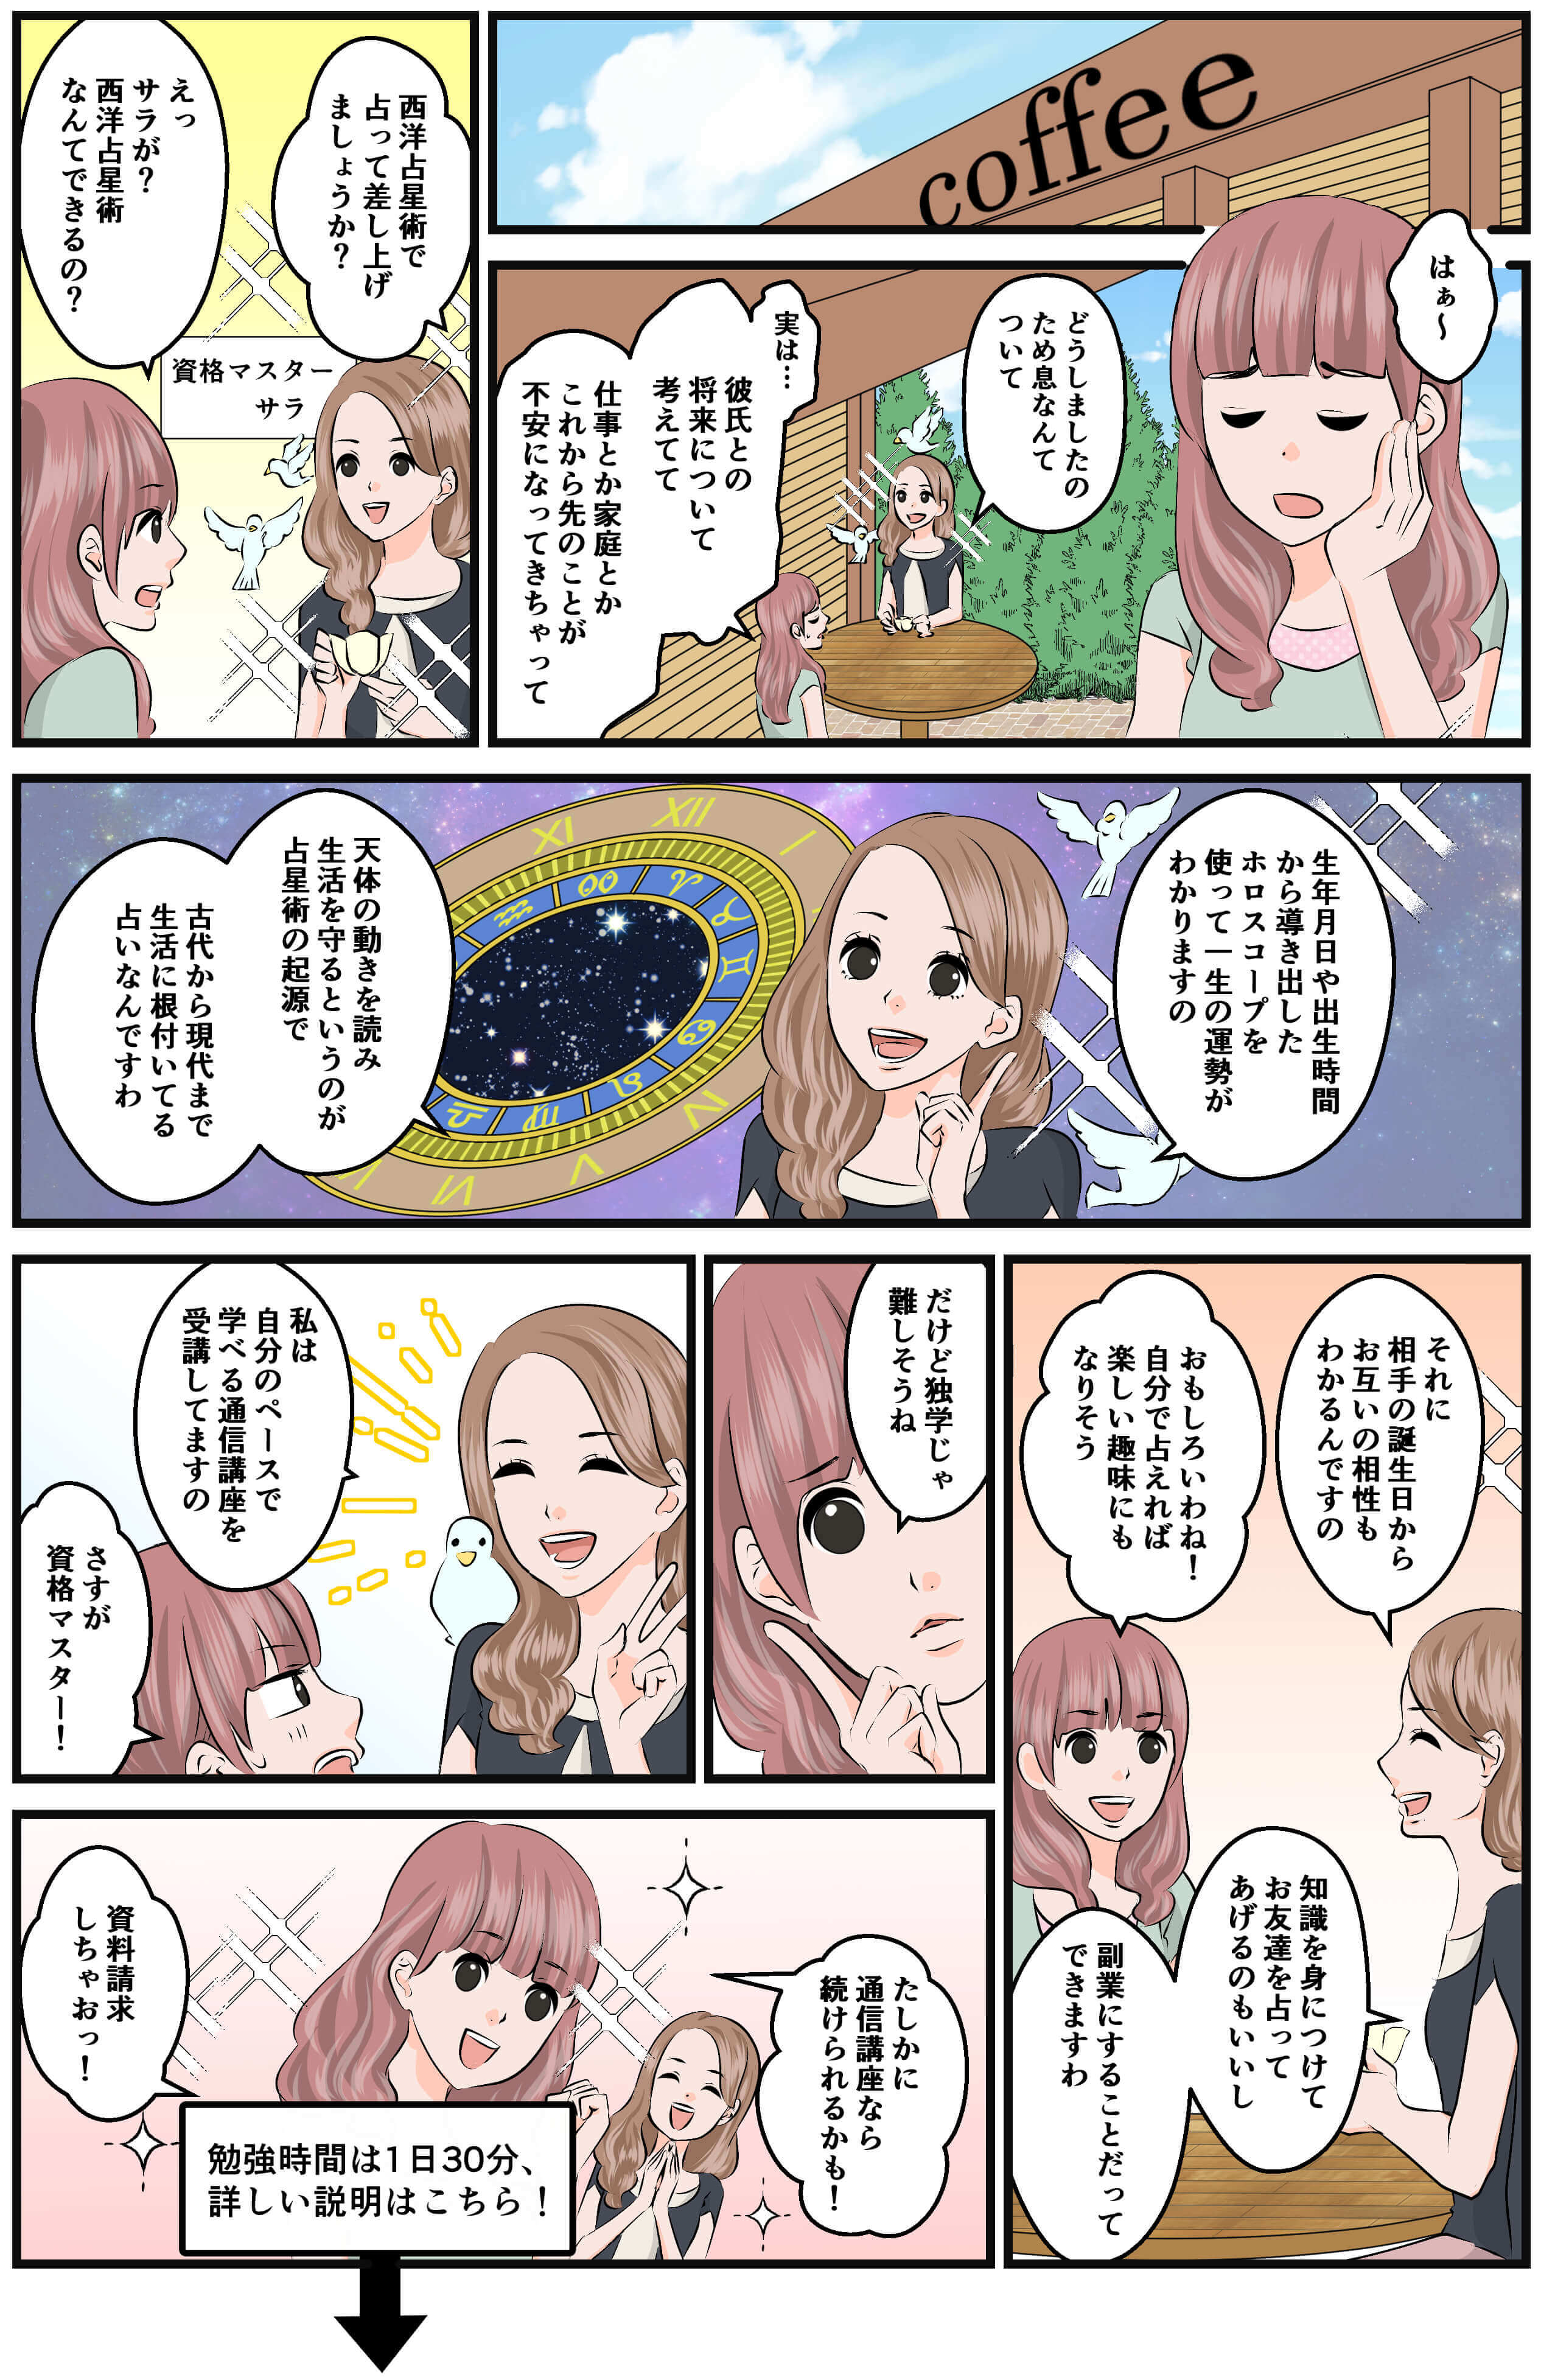 西洋占星術資格の漫画